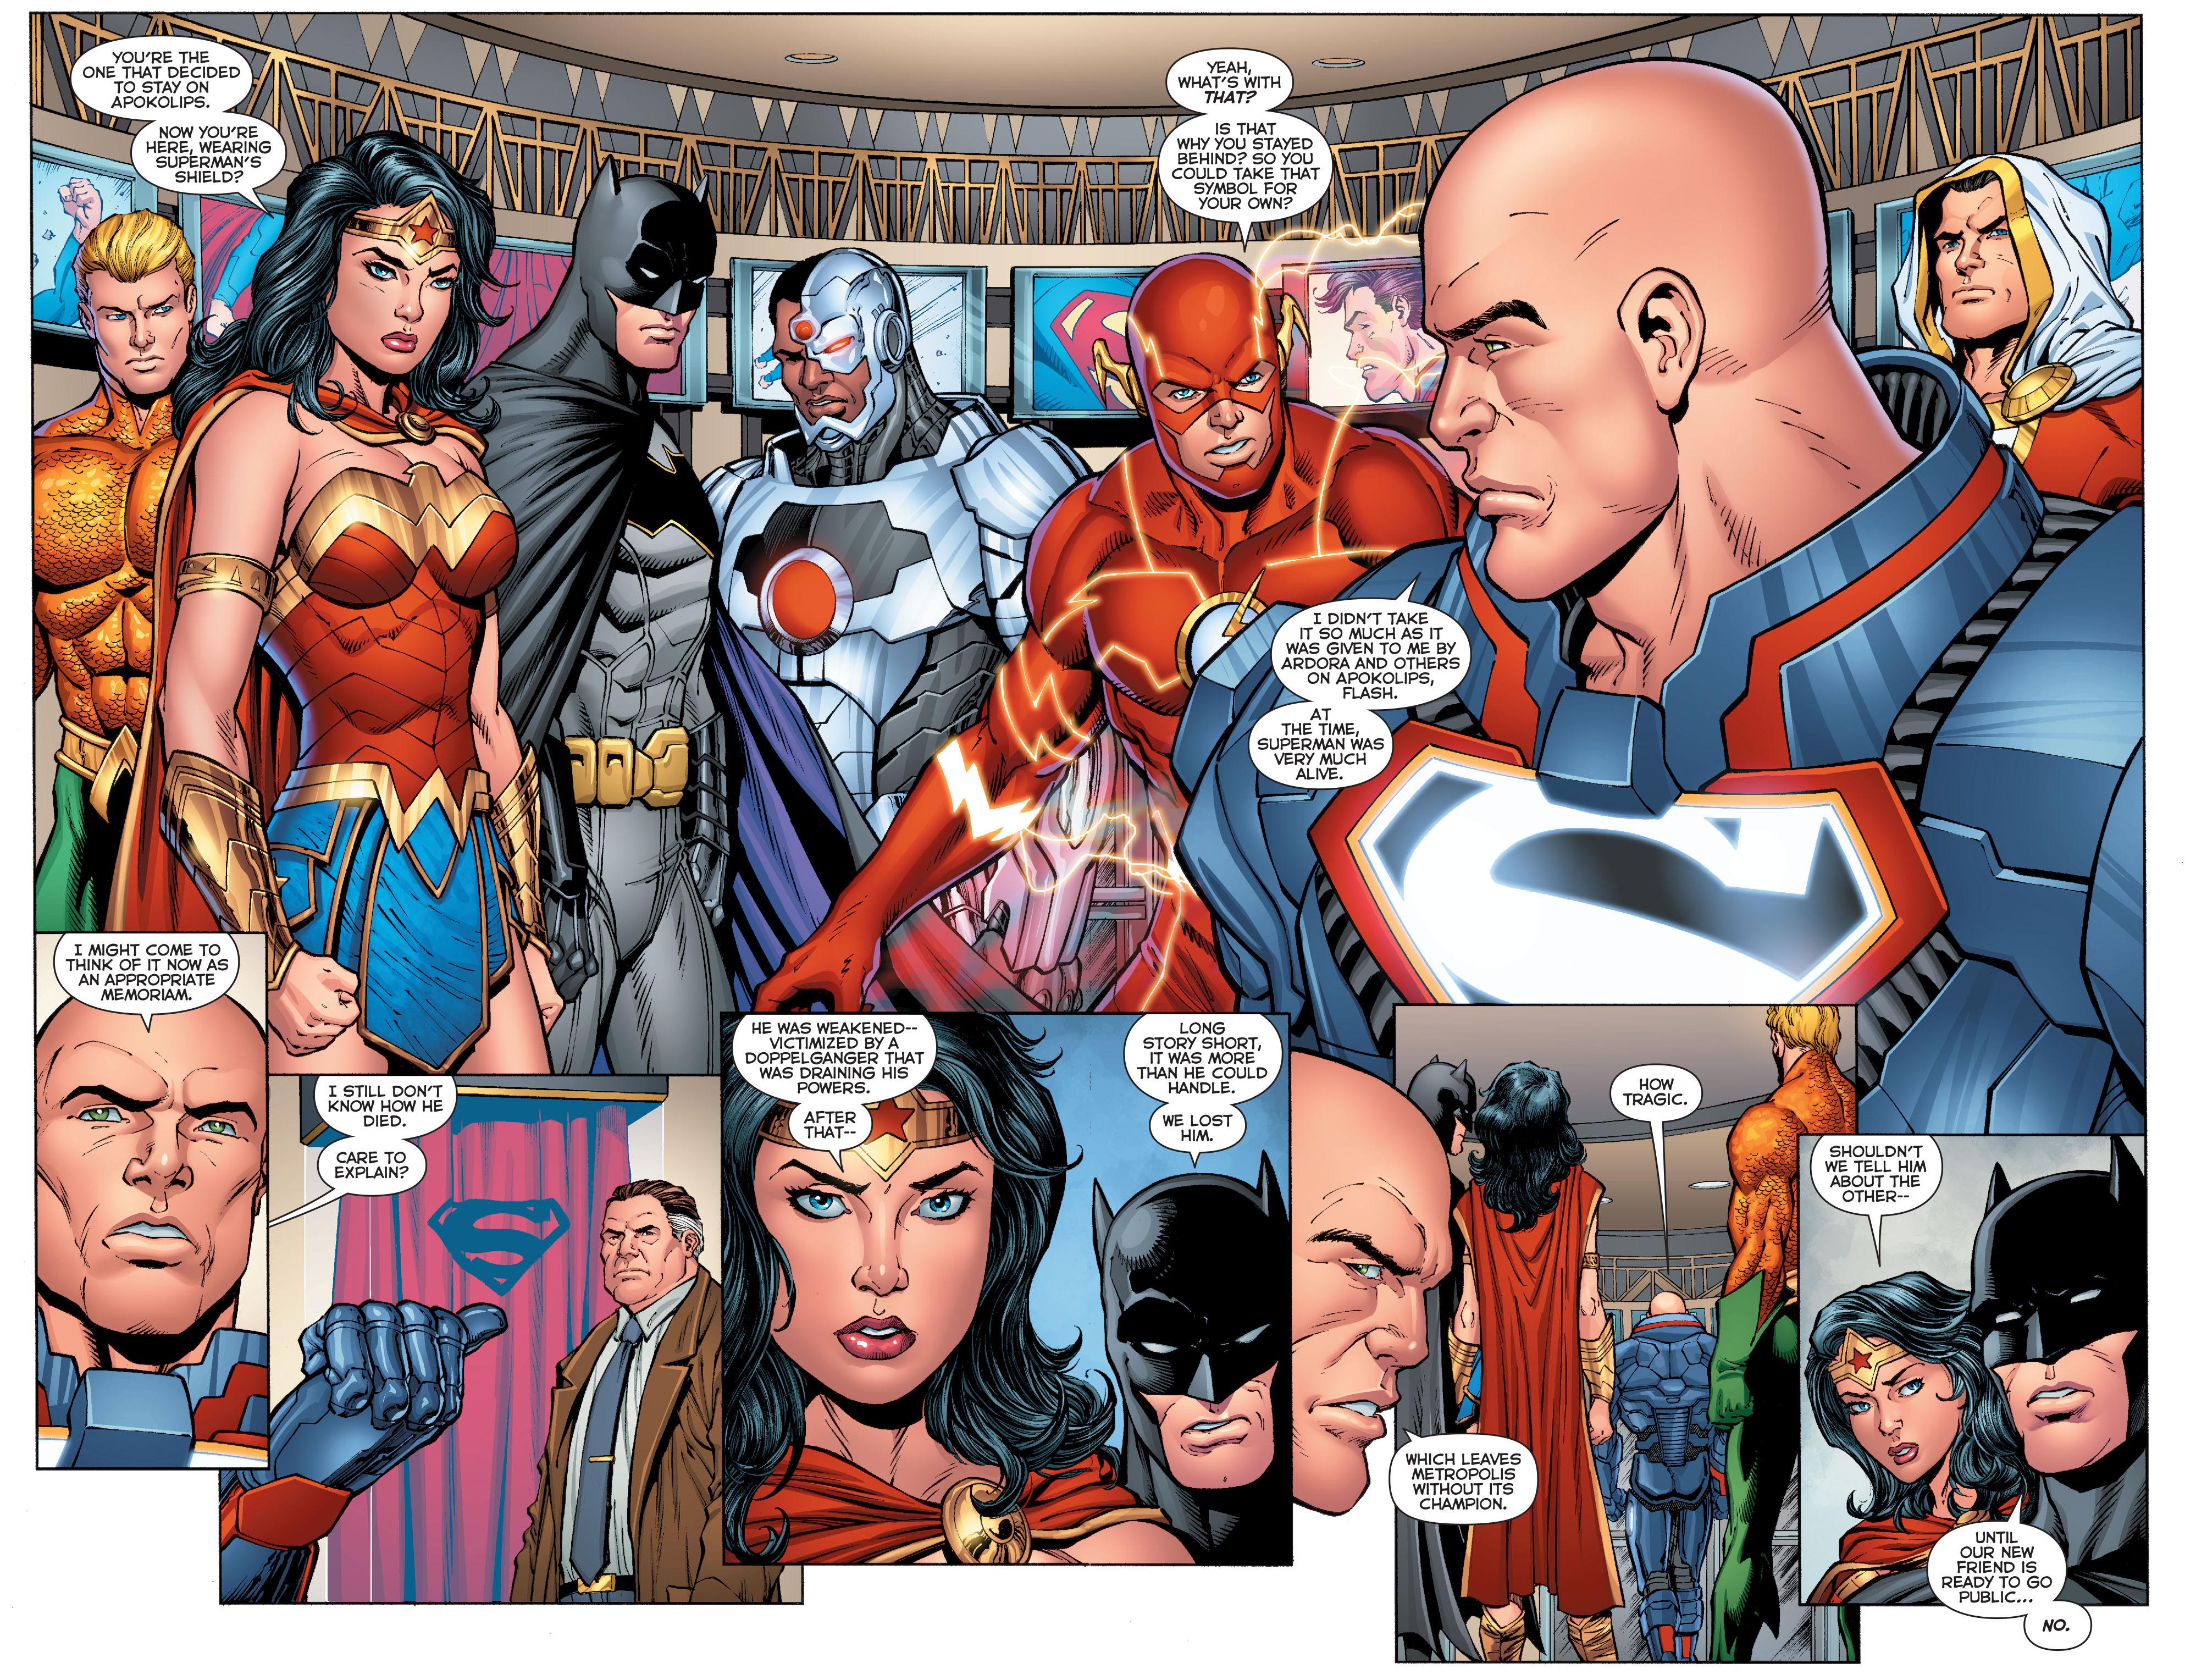 983-987 - Les comics que vous lisez en ce moment - Page 2 Justice-League-52-Superman-DC-Comics-Rebirth-spoilers-A